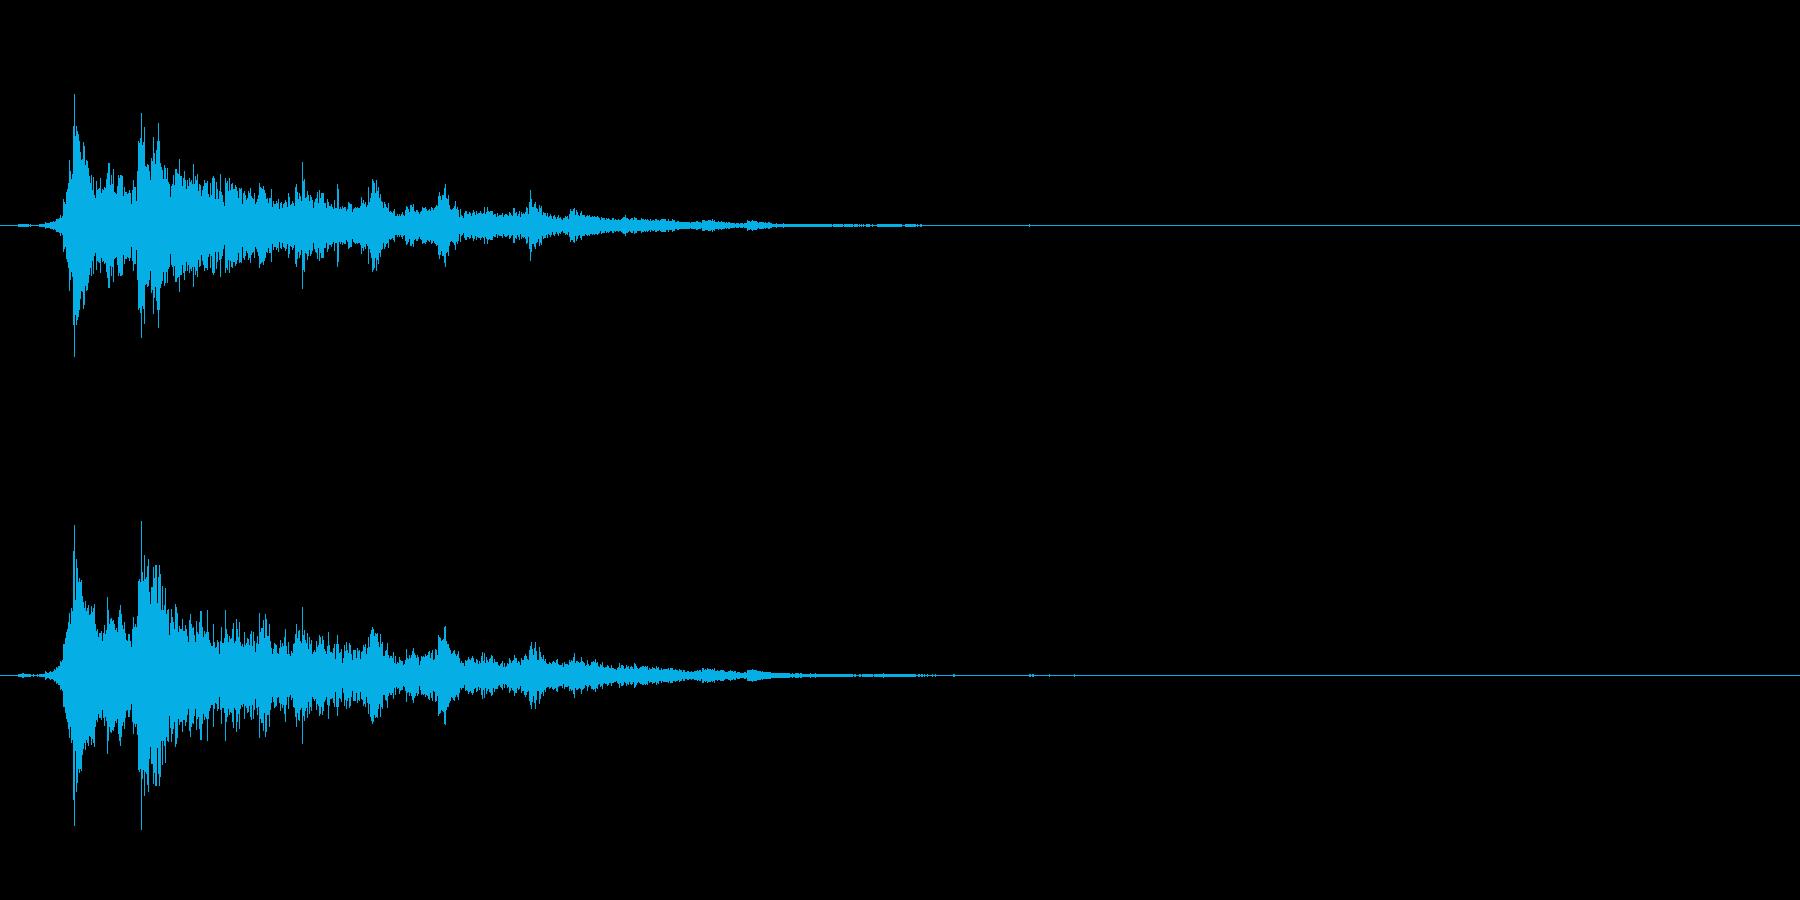 重めの鈴の音「えきろ」の単発音1+Fxの再生済みの波形